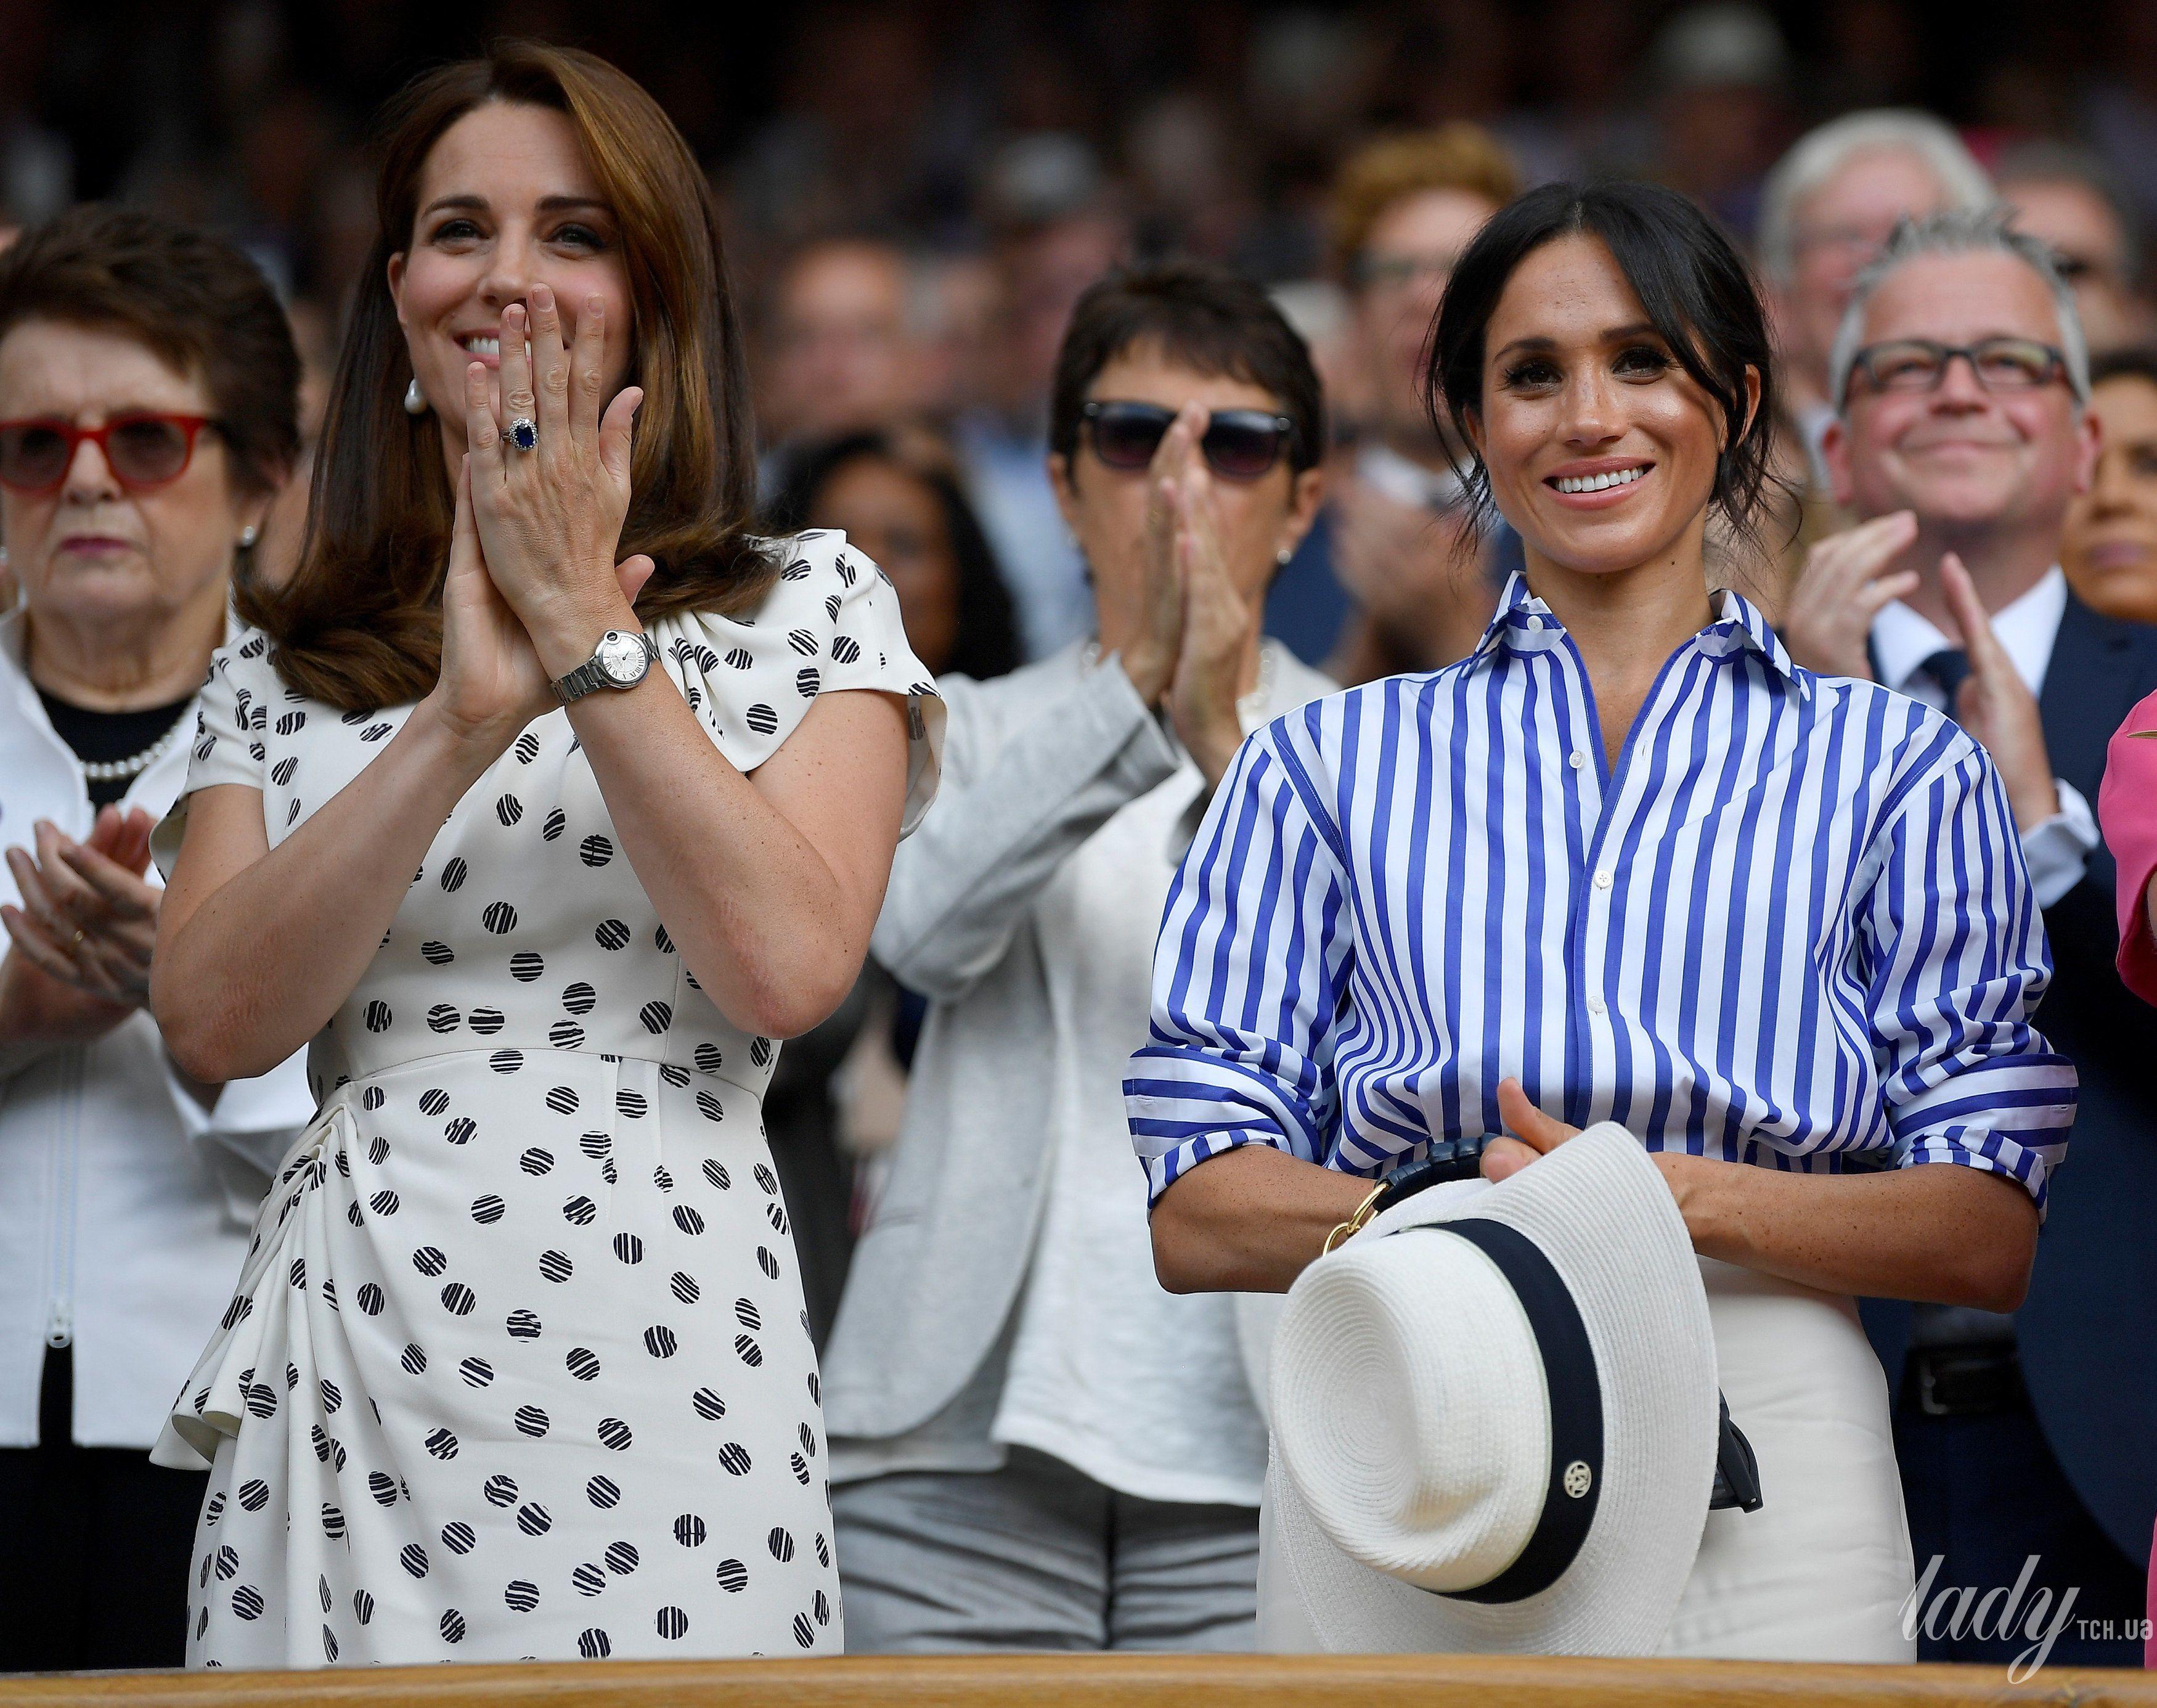 Герцогиня Кембриджская и герцогиня Сассекская_14